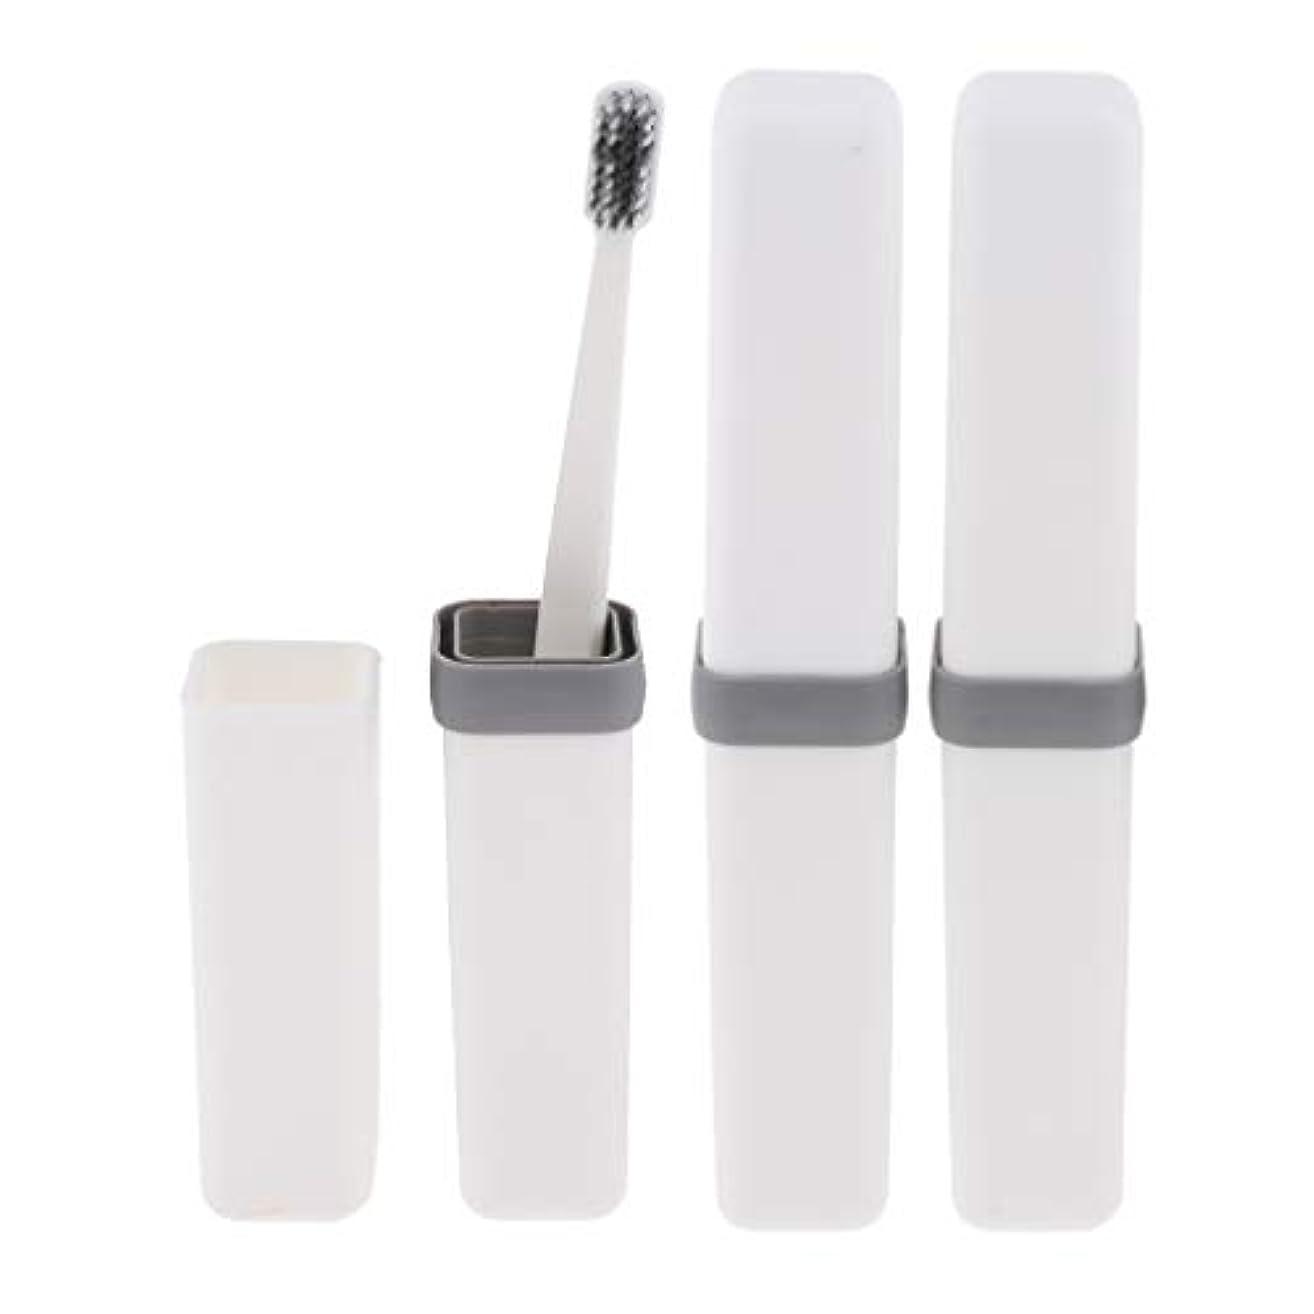 何絶望的な雪だるまを作るFenteer 歯ブラシ 歯磨き 歯清潔 収納ボックス付 旅行 キャンプ 学校 軽量 携帯 実用的 3個 全4色 - 白